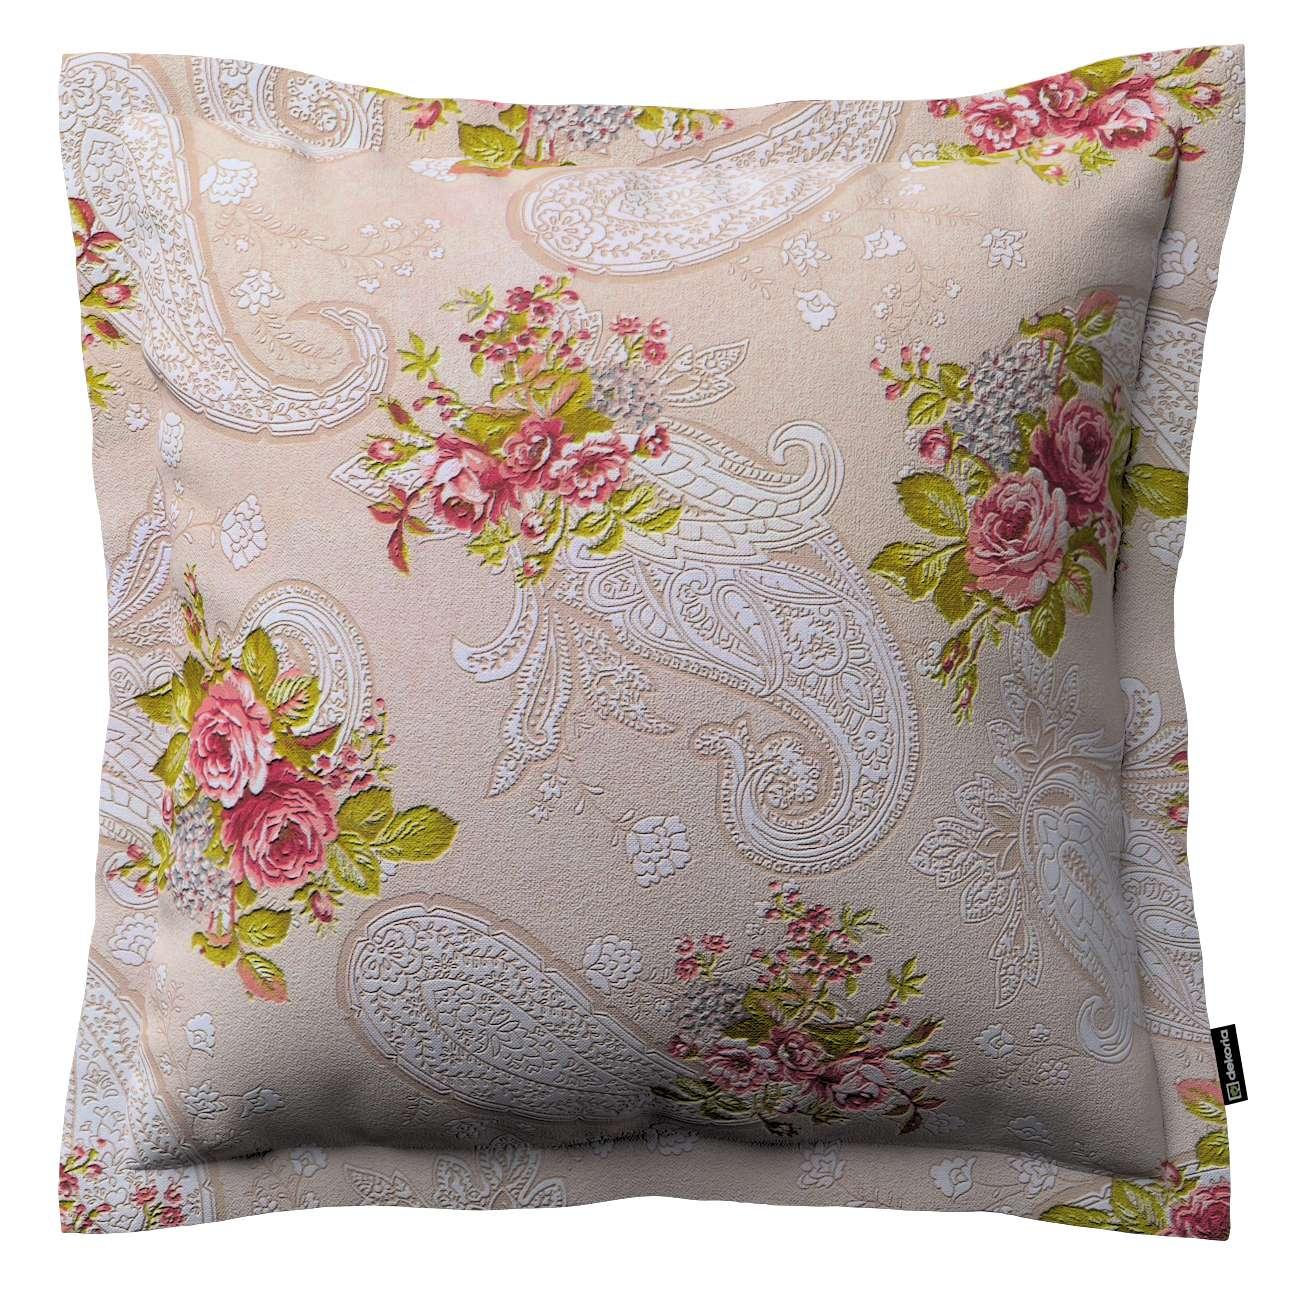 Poszewka Mona na poduszkę 45x45 cm w kolekcji Flowers, tkanina: 311-15